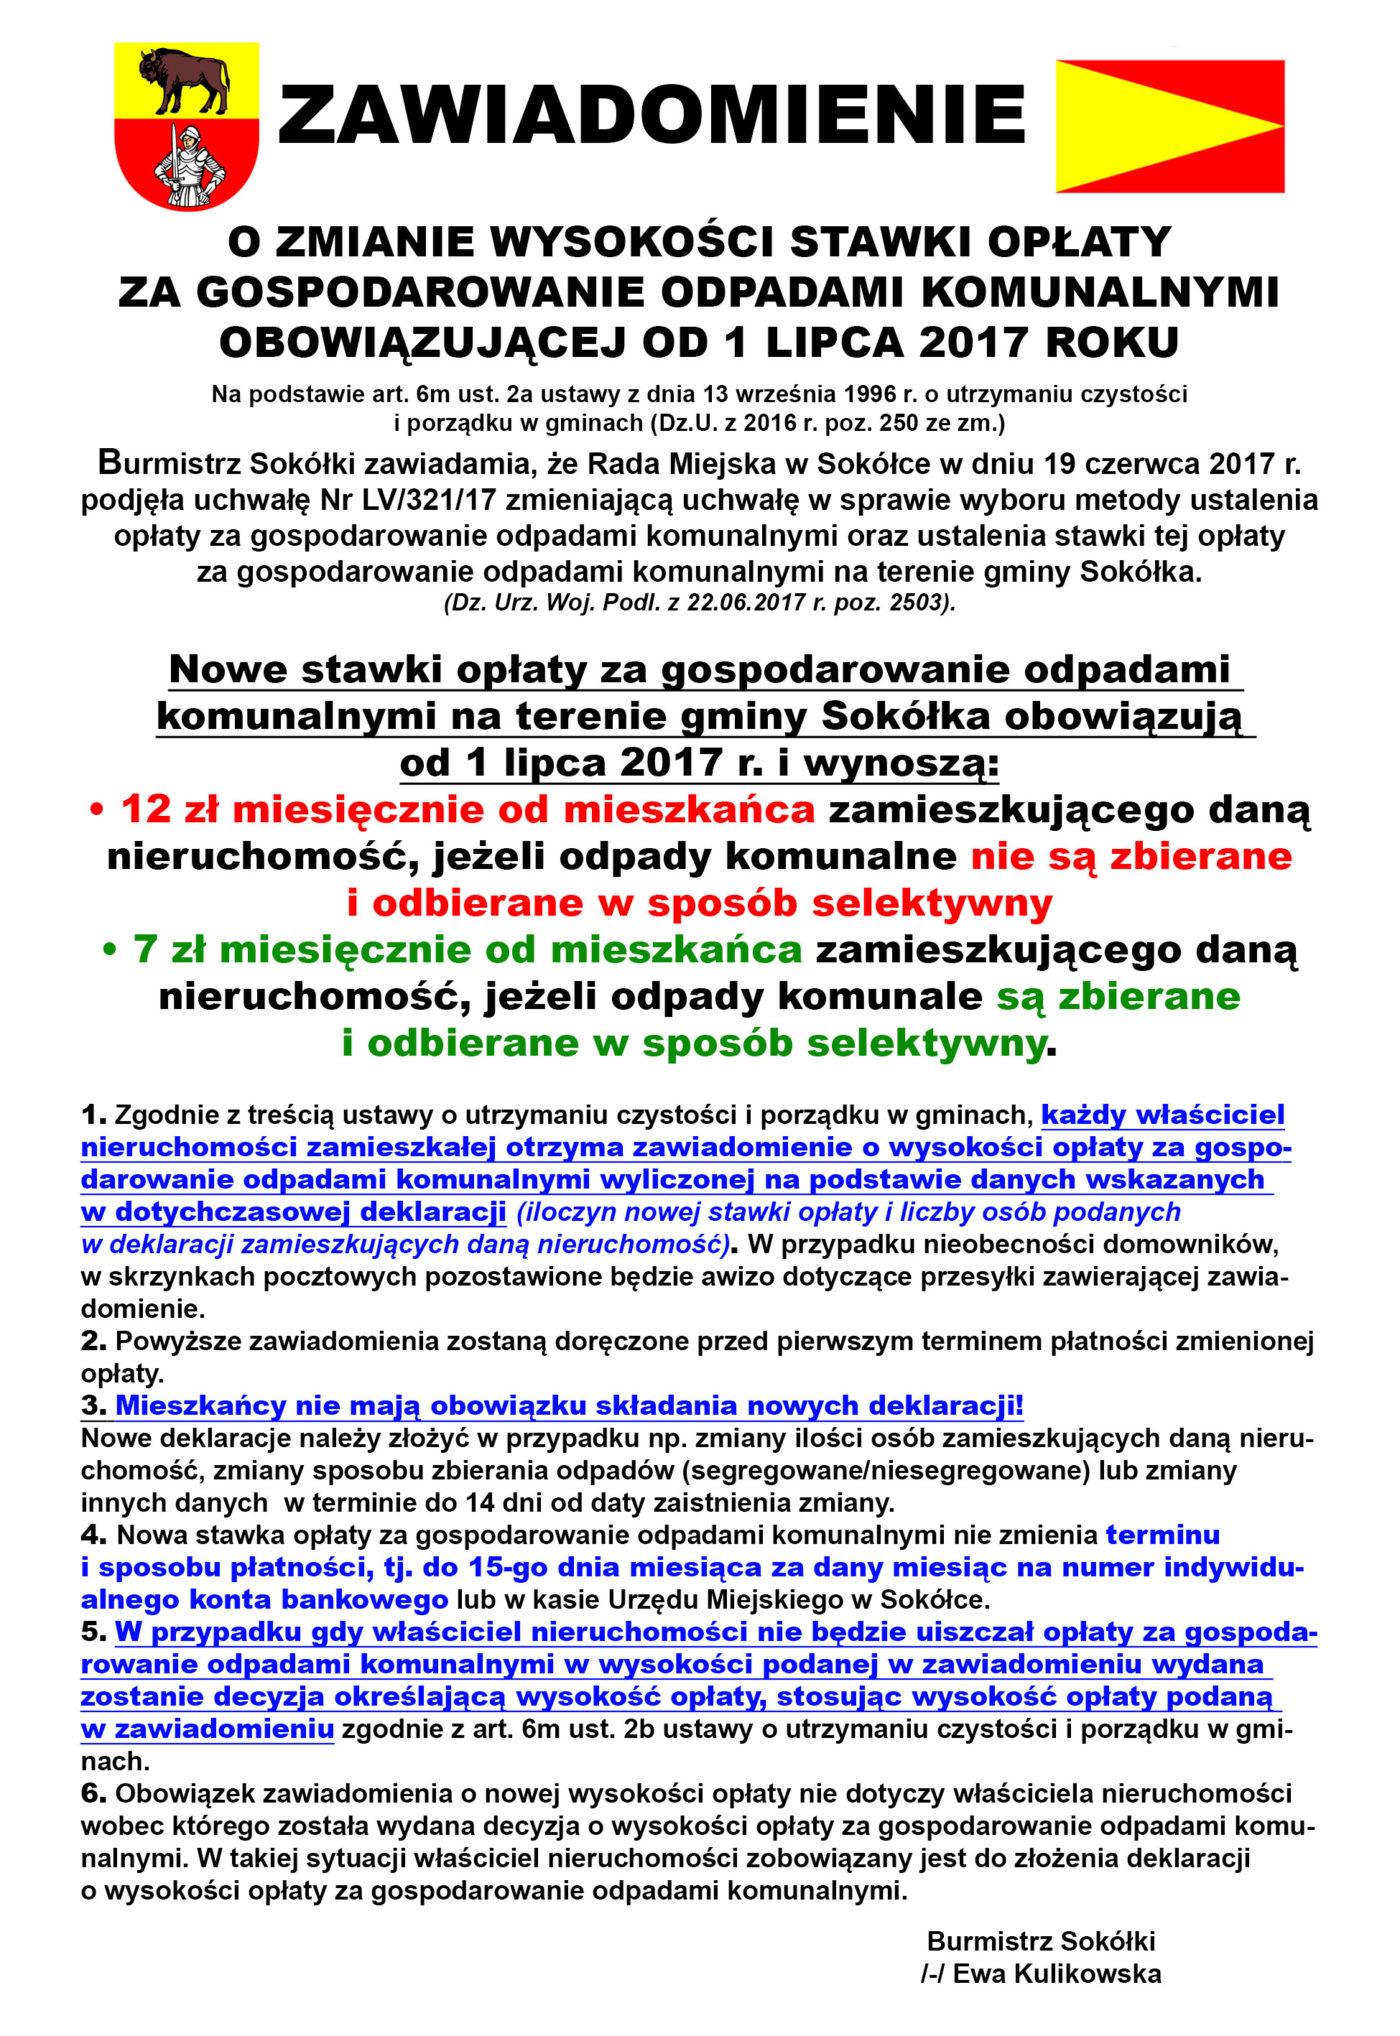 Zawiadomienie o zmianie stawki opłaty za gospodarowanie odpadami komunalnymi 2017